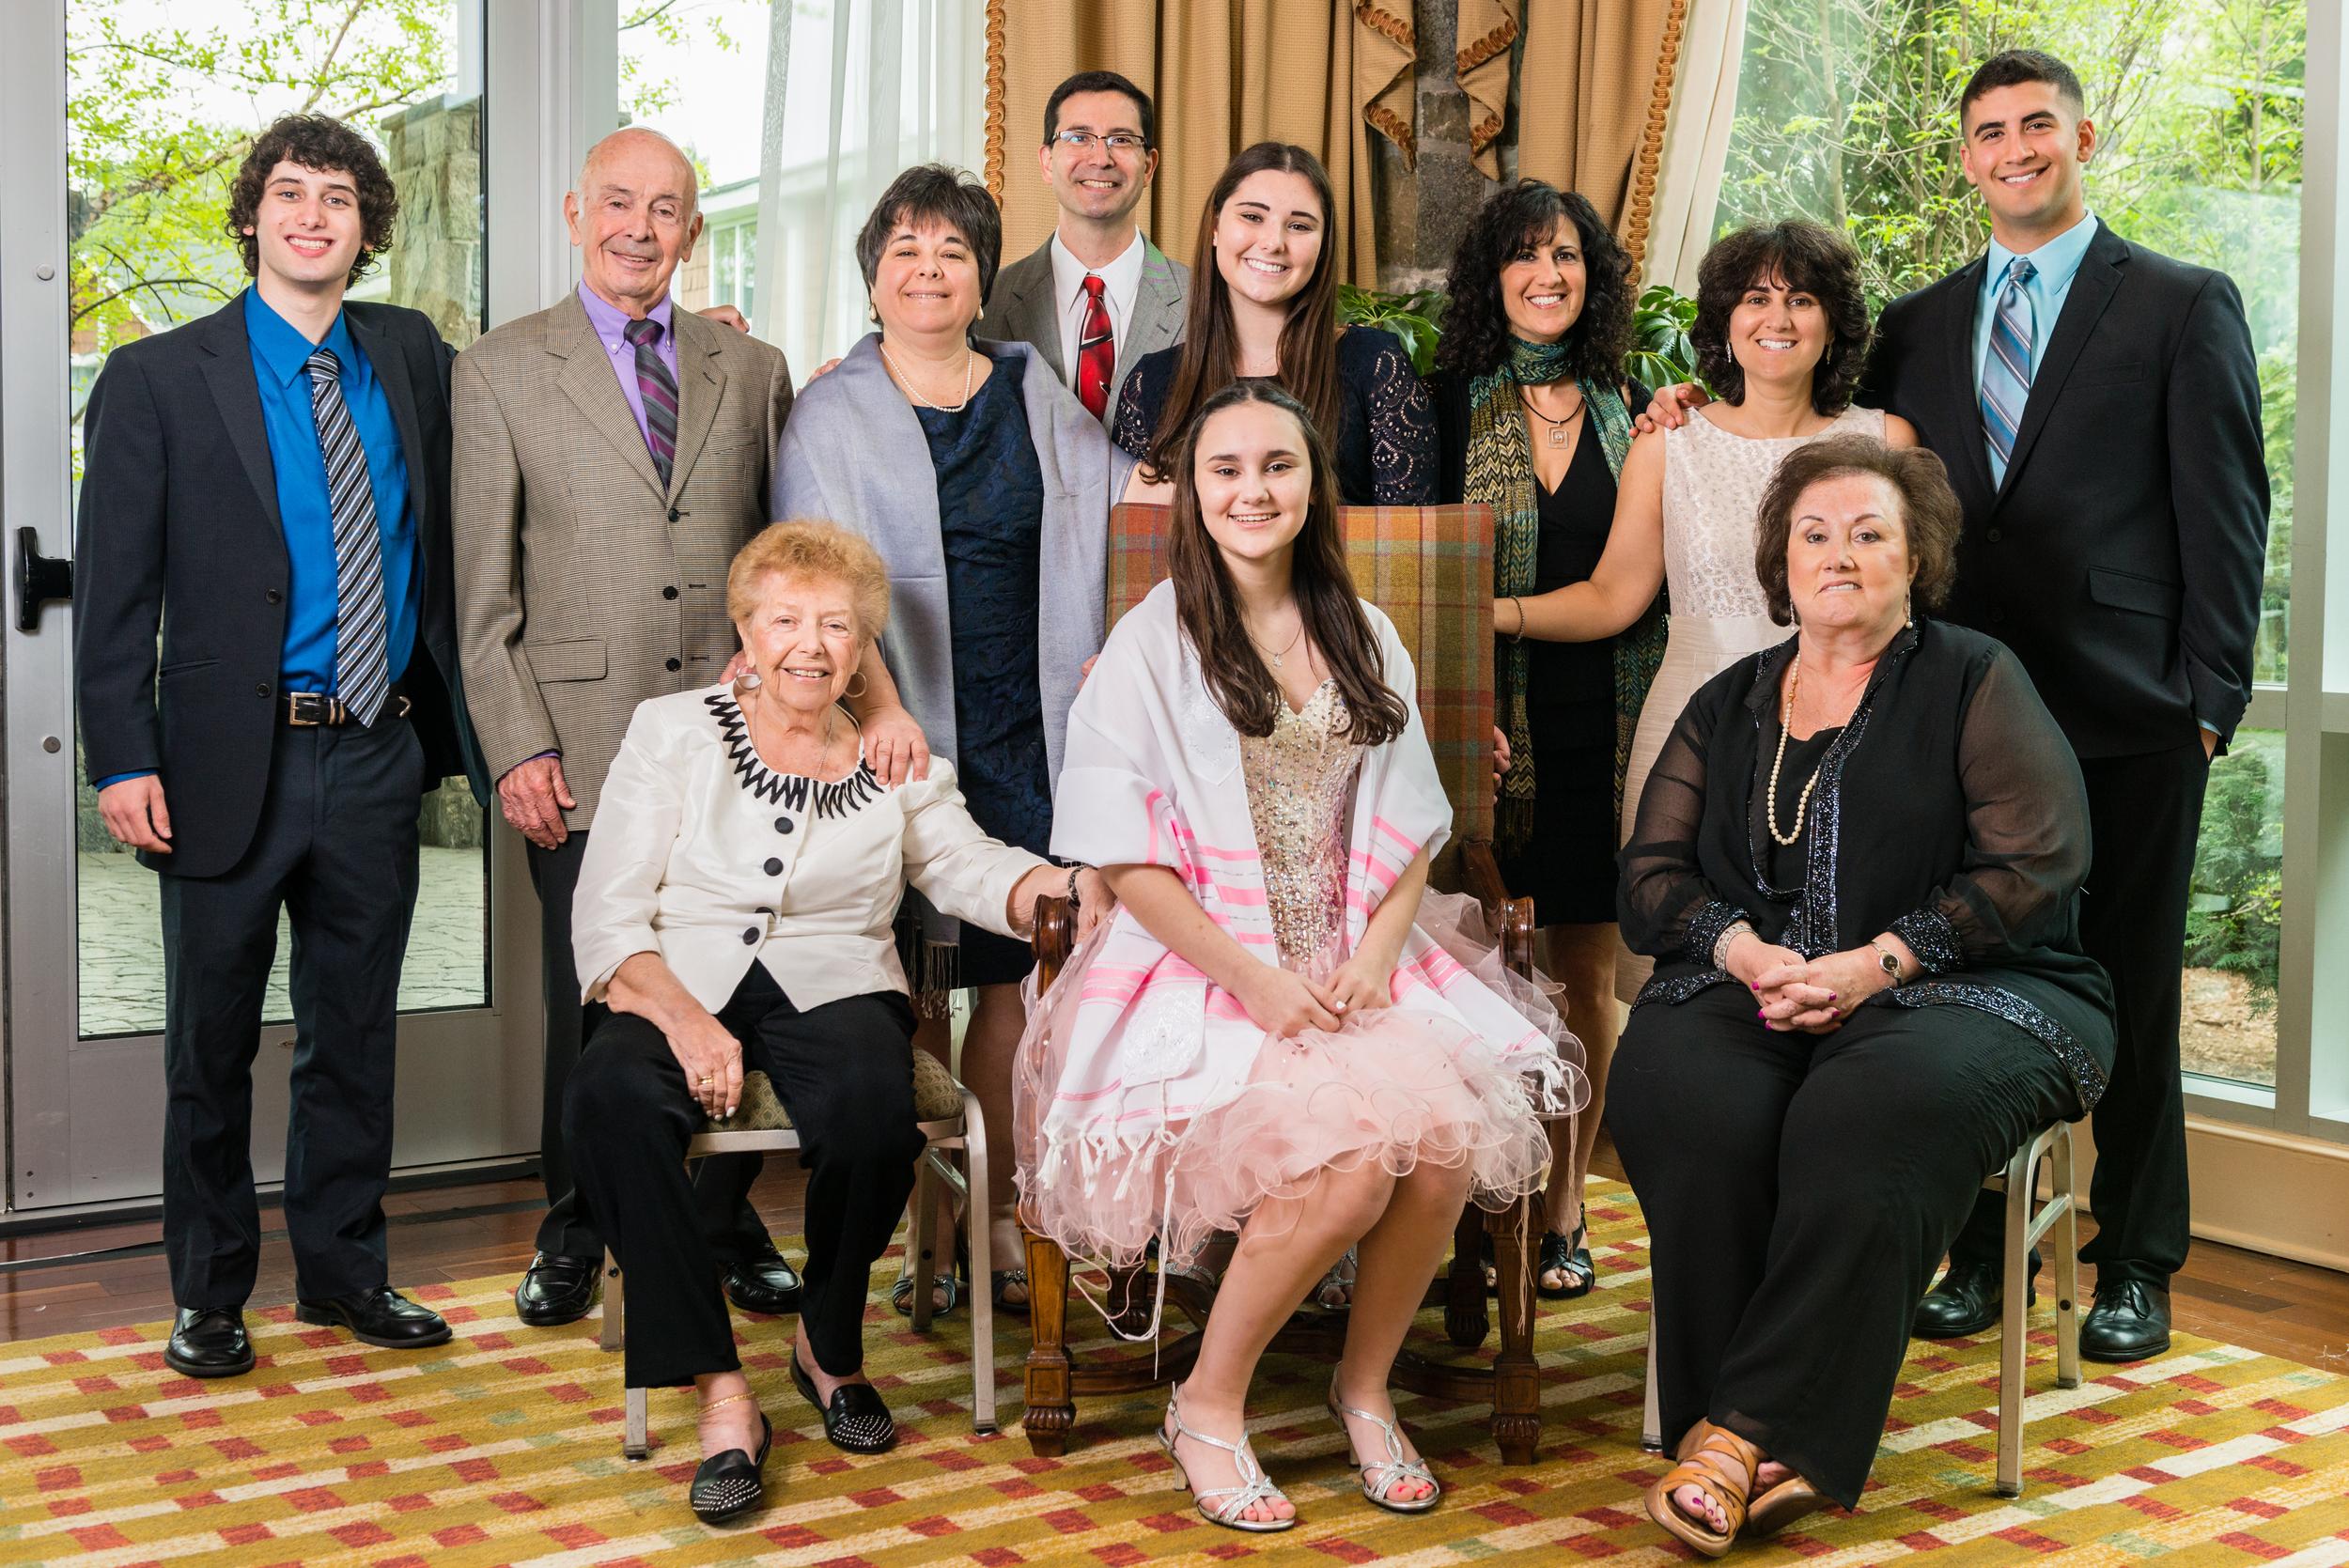 bat-mitzvah-family-portrait